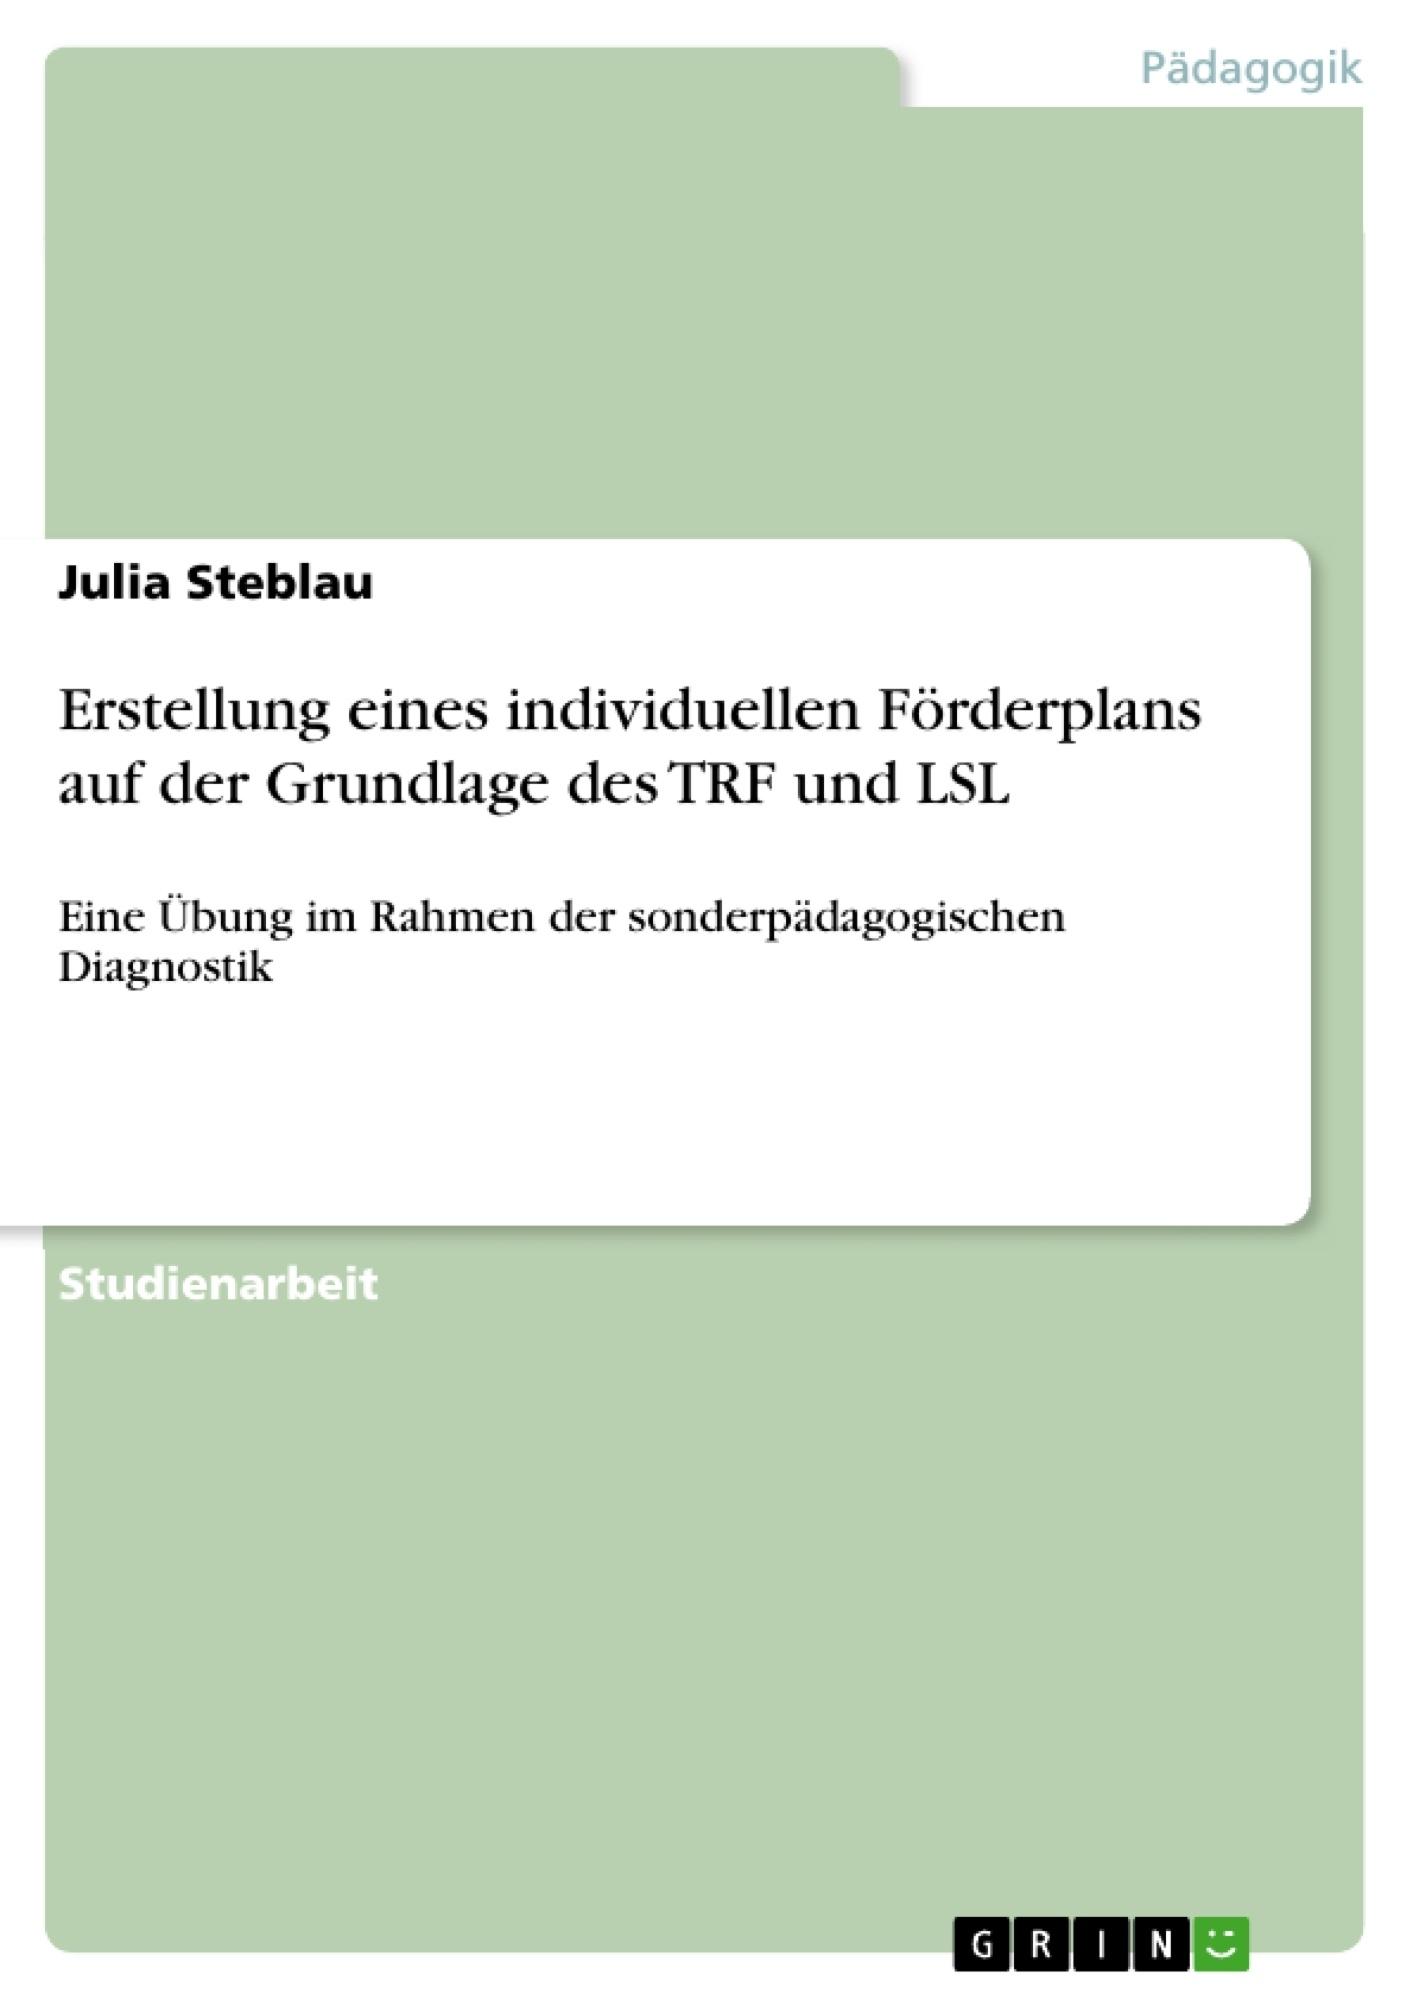 Titel: Erstellung eines individuellen Förderplans auf der Grundlage des TRF und LSL